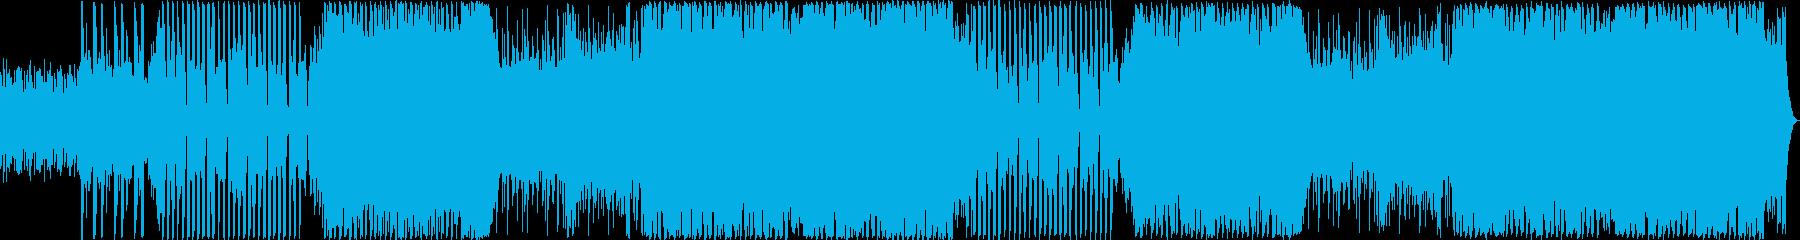 ボーカルチョップが印象的なハウスポップの再生済みの波形